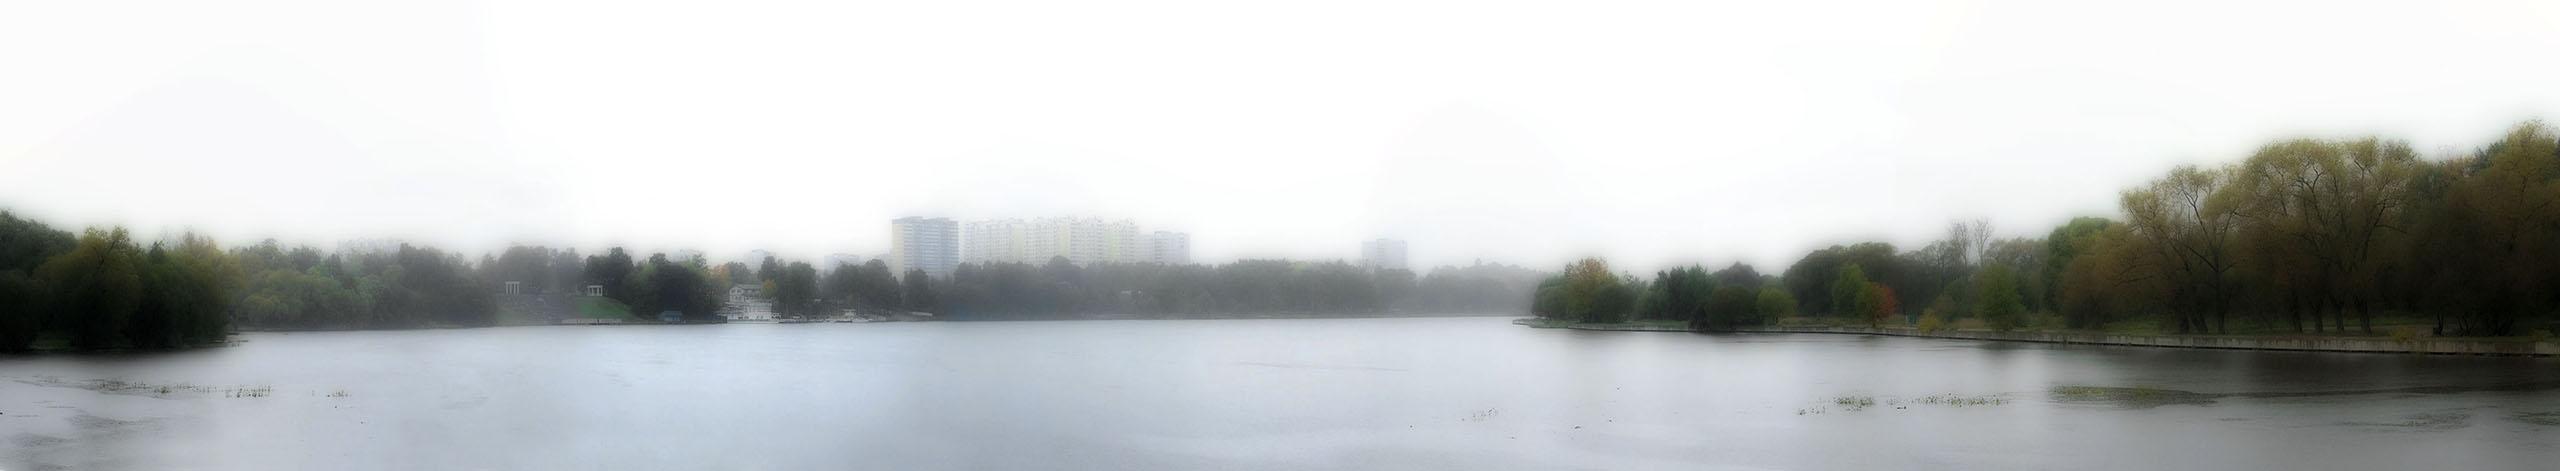 rainy3-2560